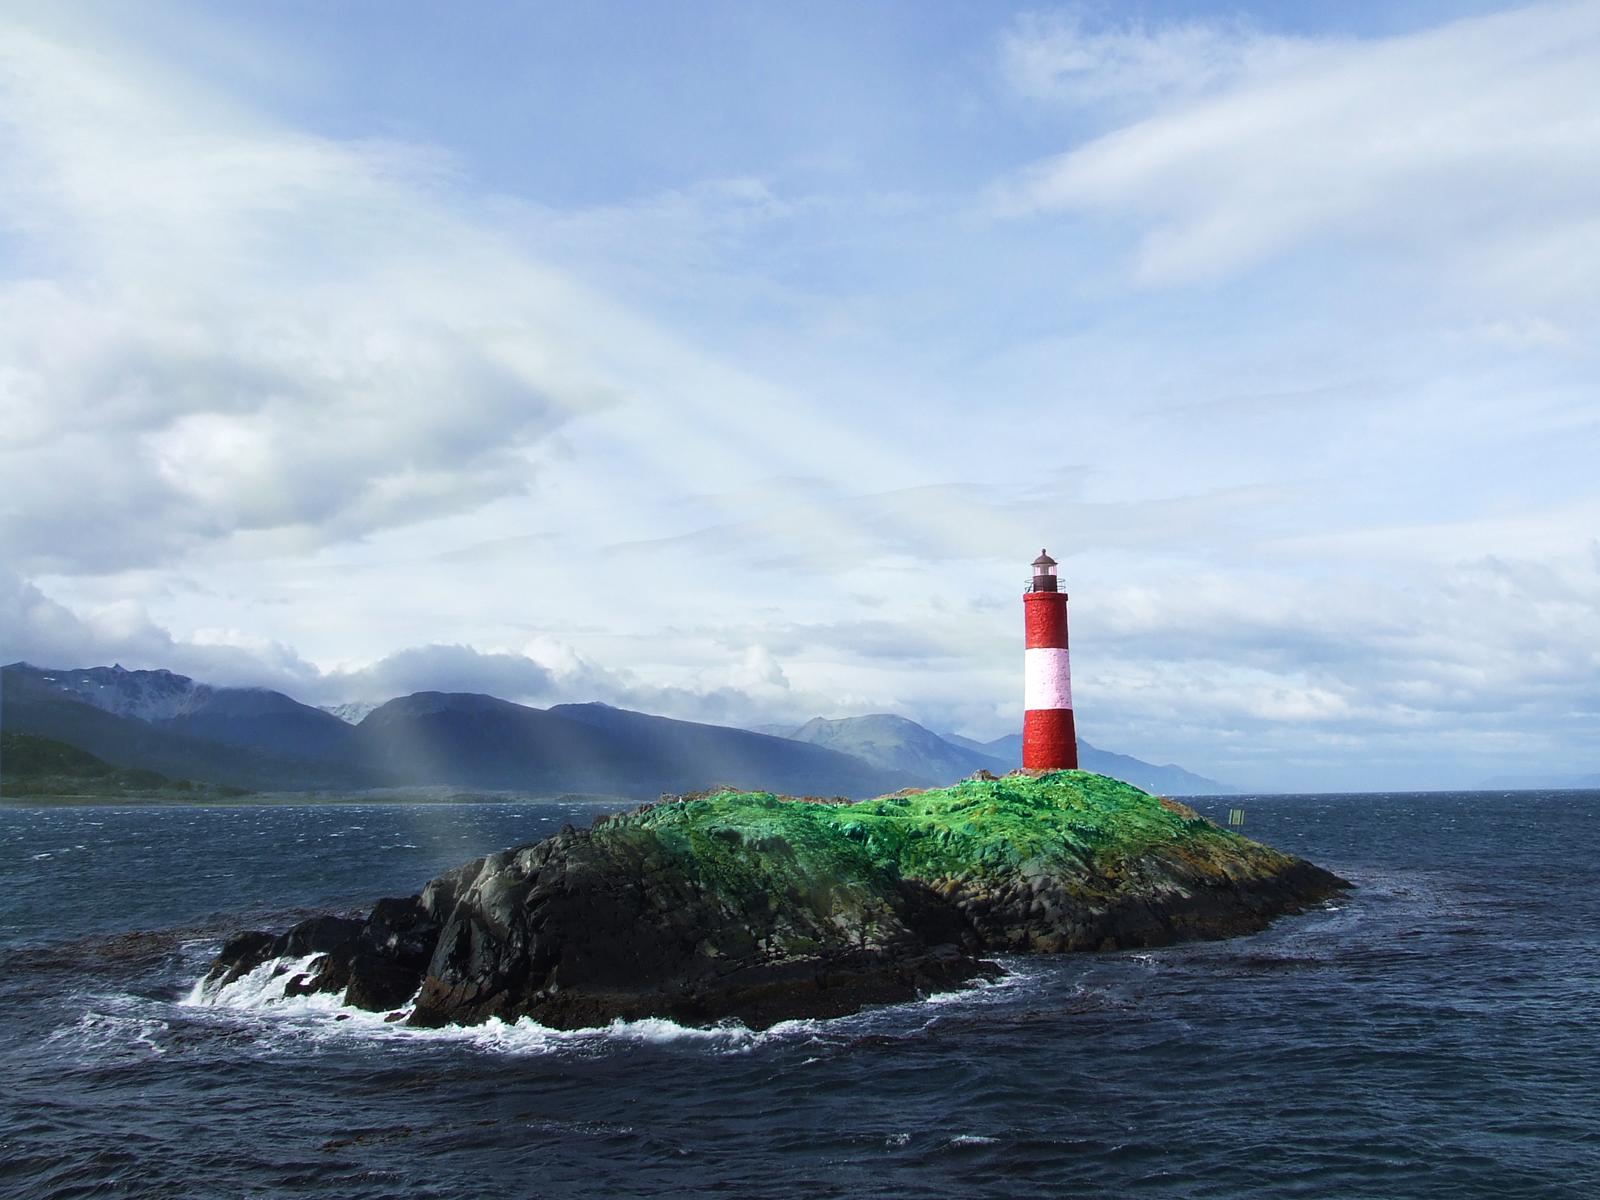 море, остров, фото, маяк, скачать фото